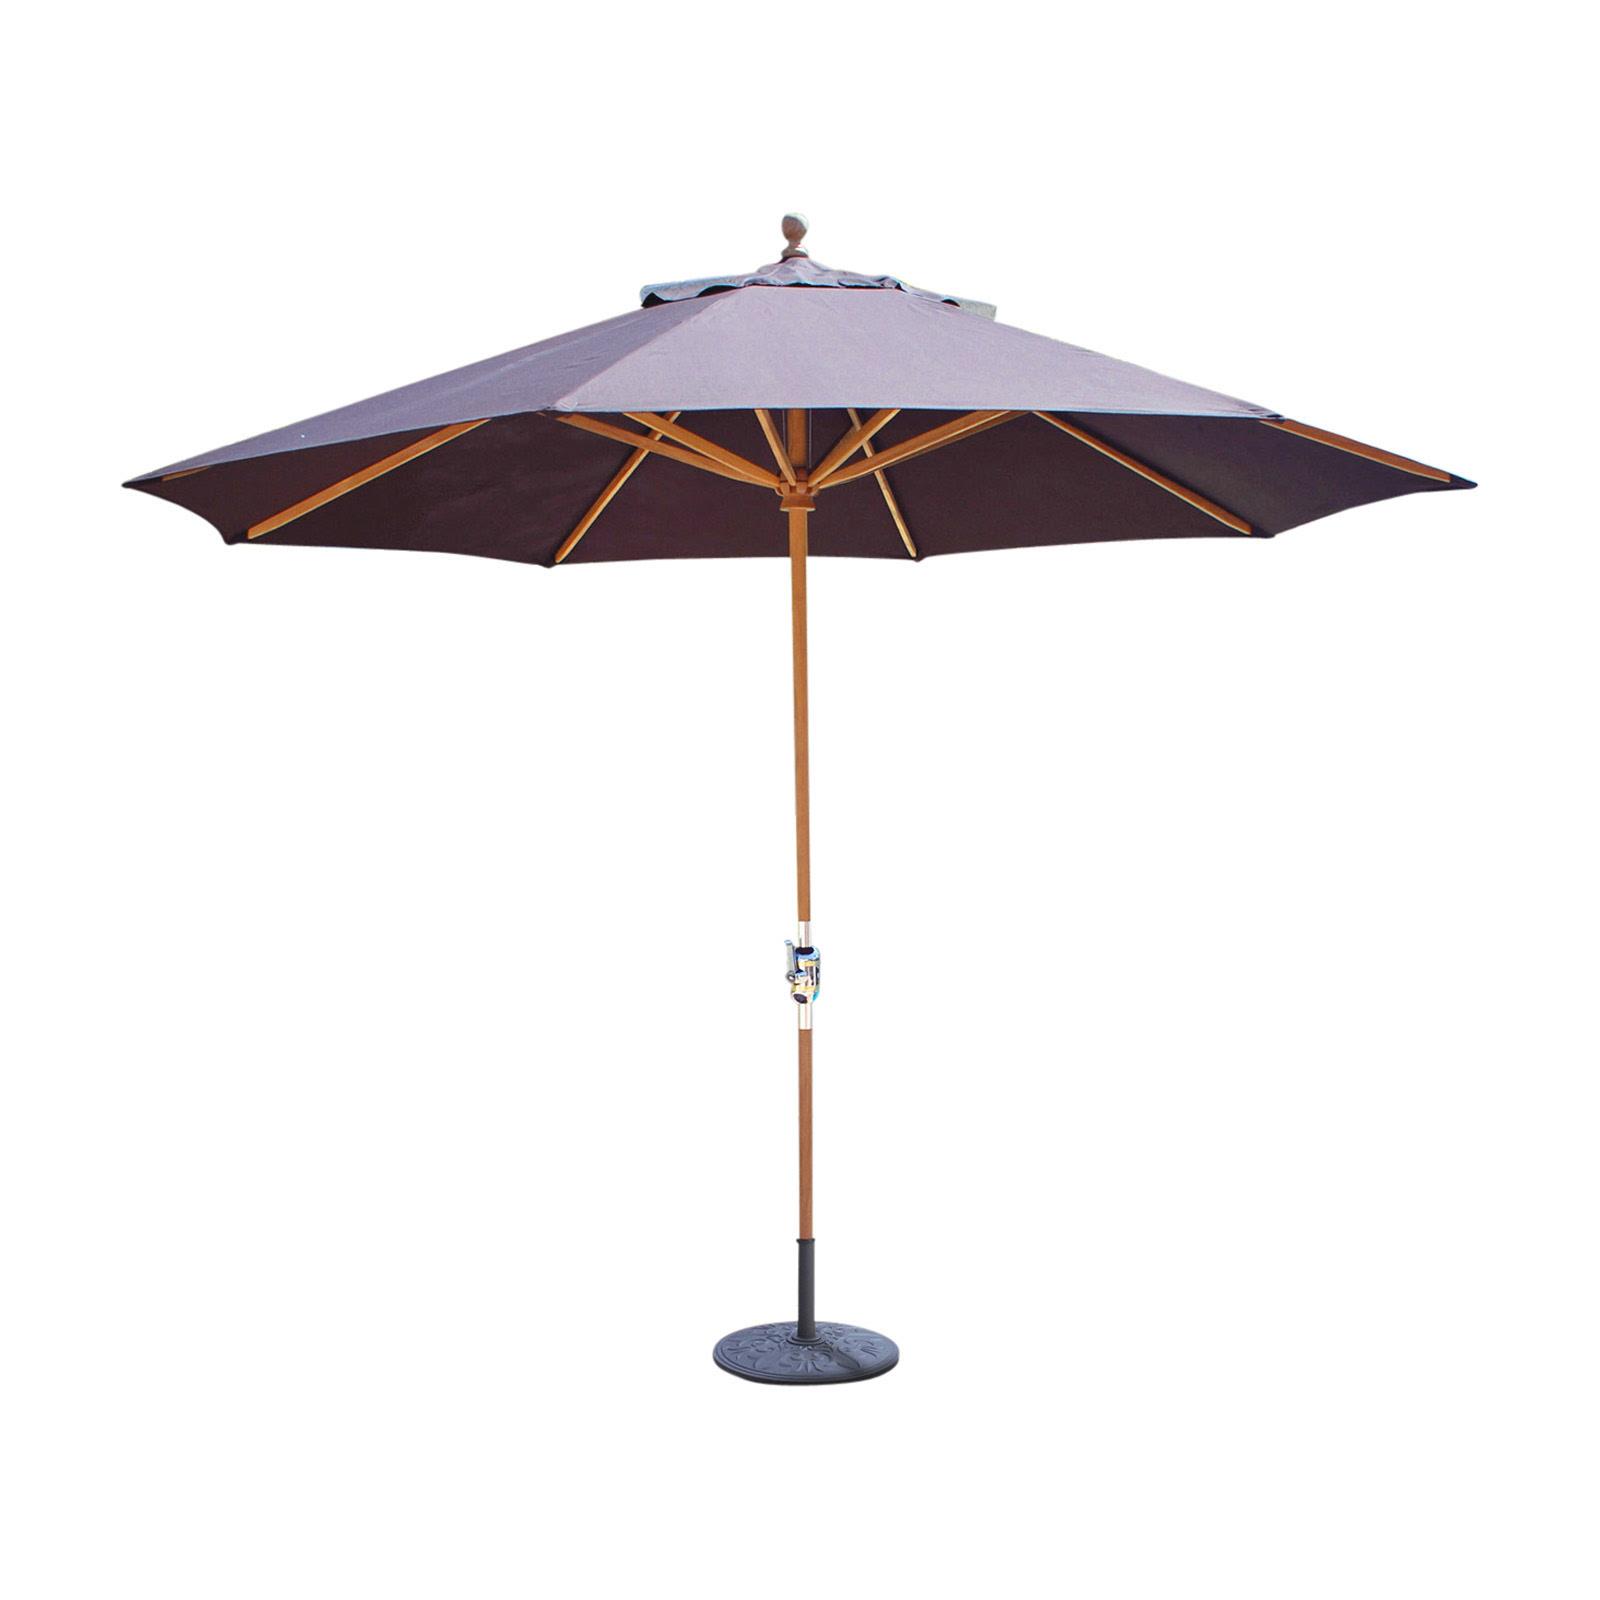 Galtech Sunbrella 11-ft. Classic Teak Patio Umbrella ...